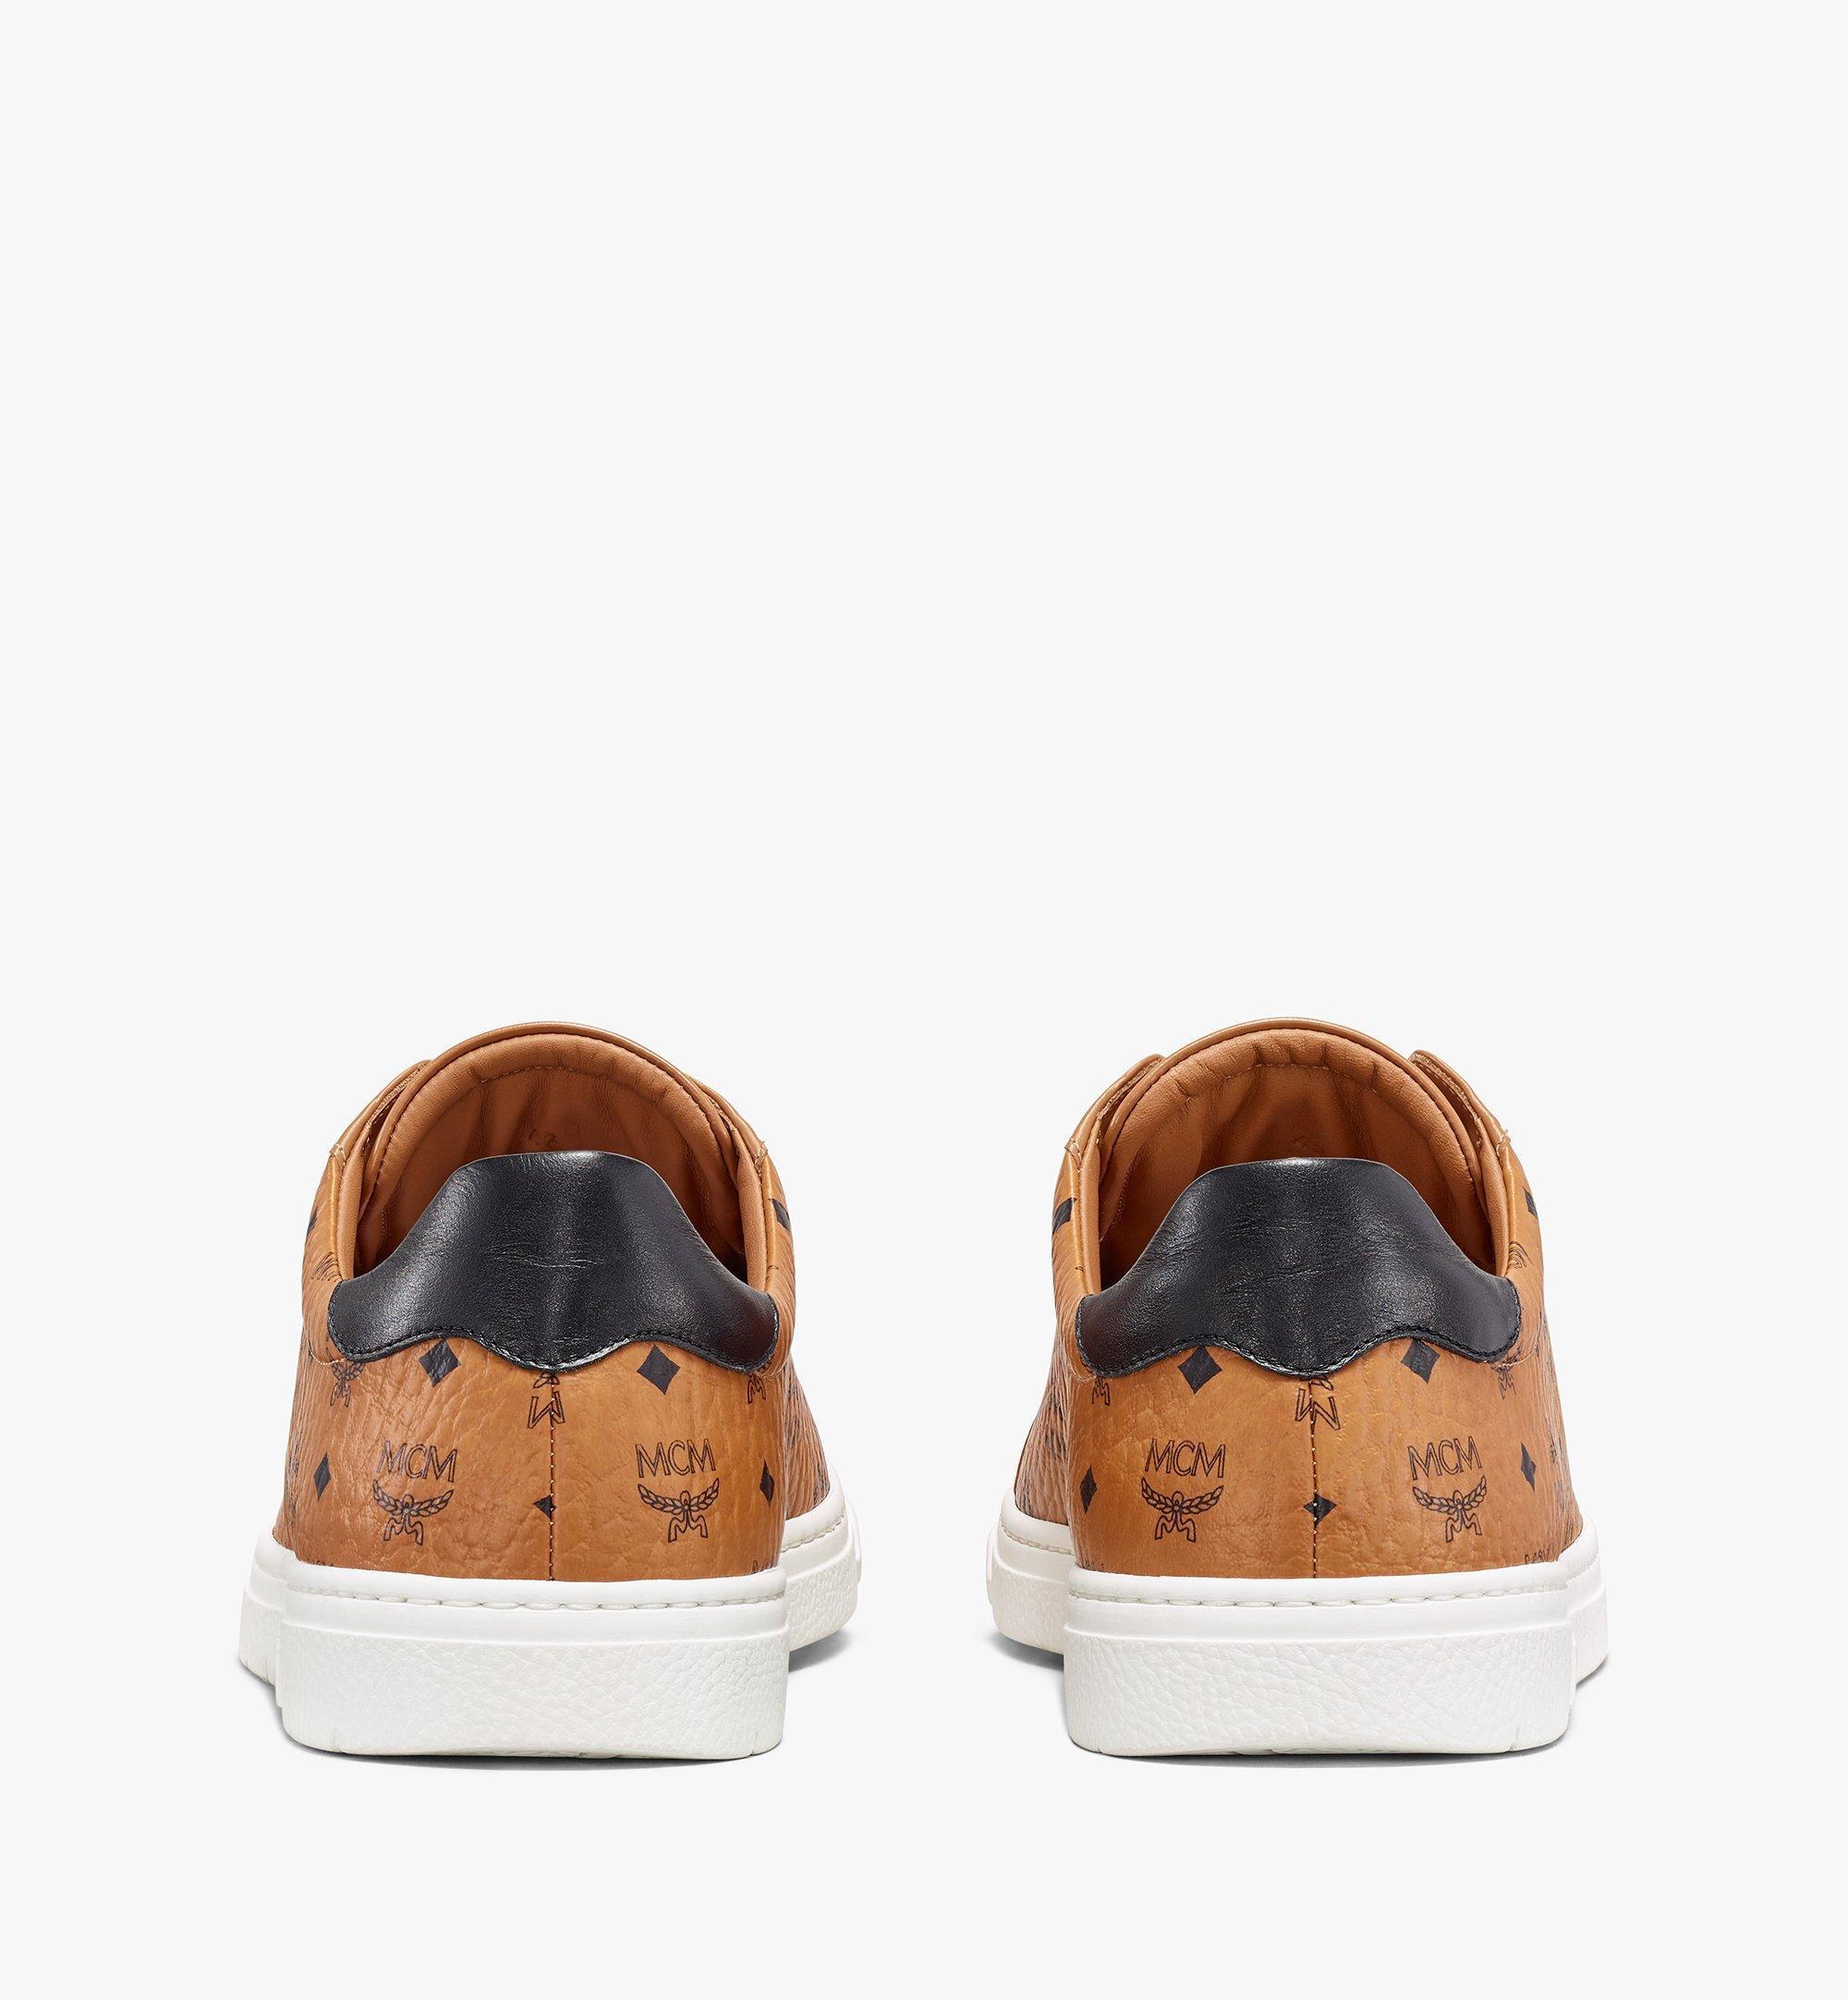 MCM Men's Terrain Lo Sneakers in Visetos Cognac MEXAAMM11CO041 更多視圖 2